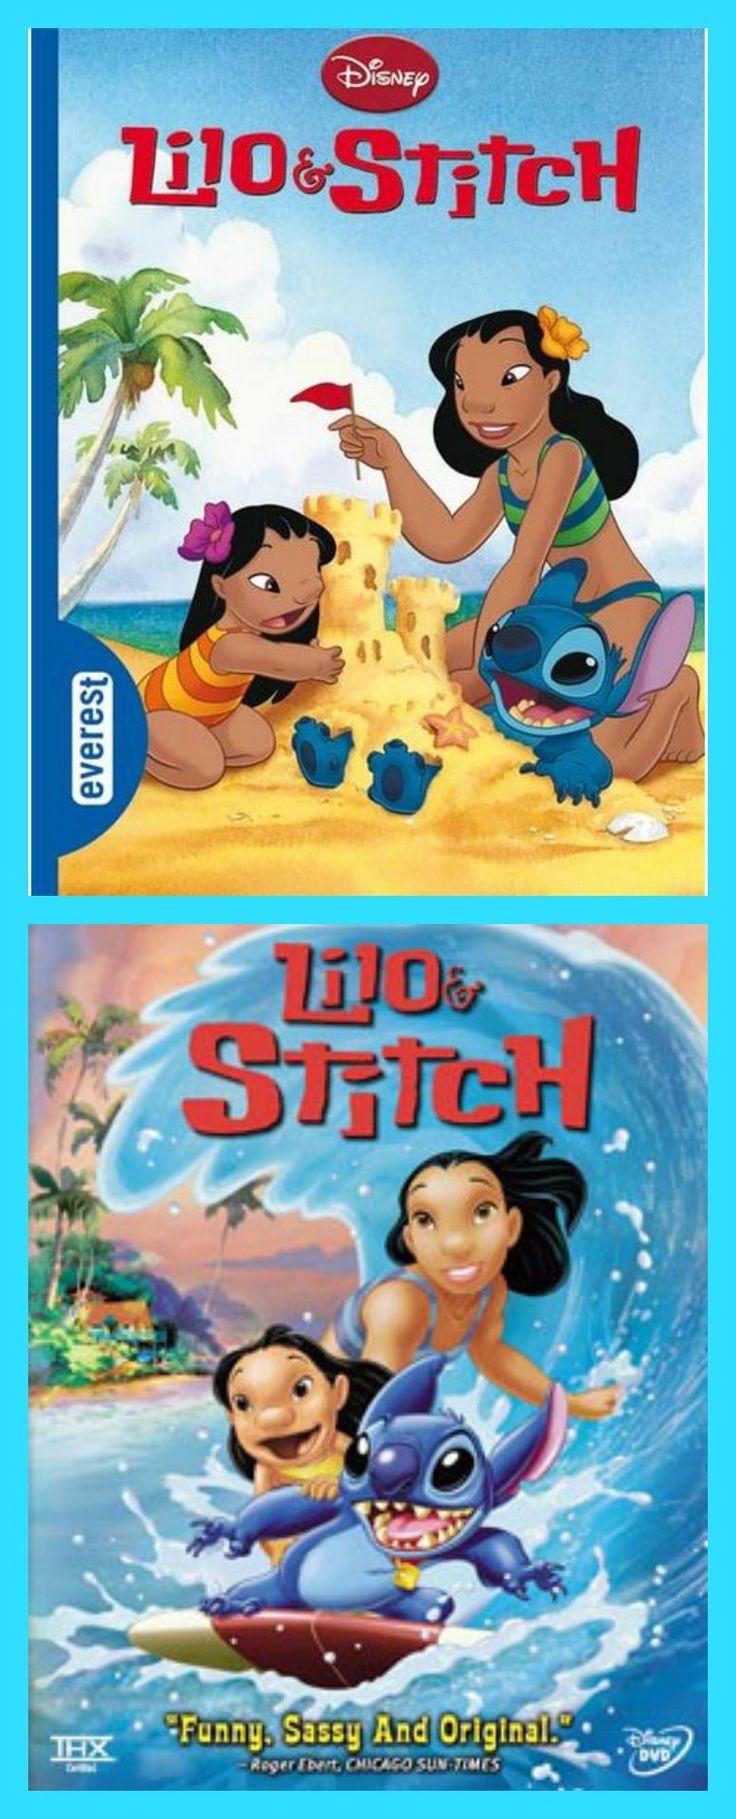 """Lilo es una niña hawaiana que se siente sola y decide adoptar un """"perro"""" muy feo al que llama Stitch. Stitch sería la mascota perfecta si no fuera en realidad un experimento genético que ha escapado de un planeta alienígena y que ha aterrizado en la tierra por casualidad. Con su amor y su inquebrantable fe en el """"ohana"""" (el concepto hawaiano de la familia), Lilo termina conquistando el corazón de Stitch y le ofrece algo que el original perro nunca pensó tener: un hogar."""